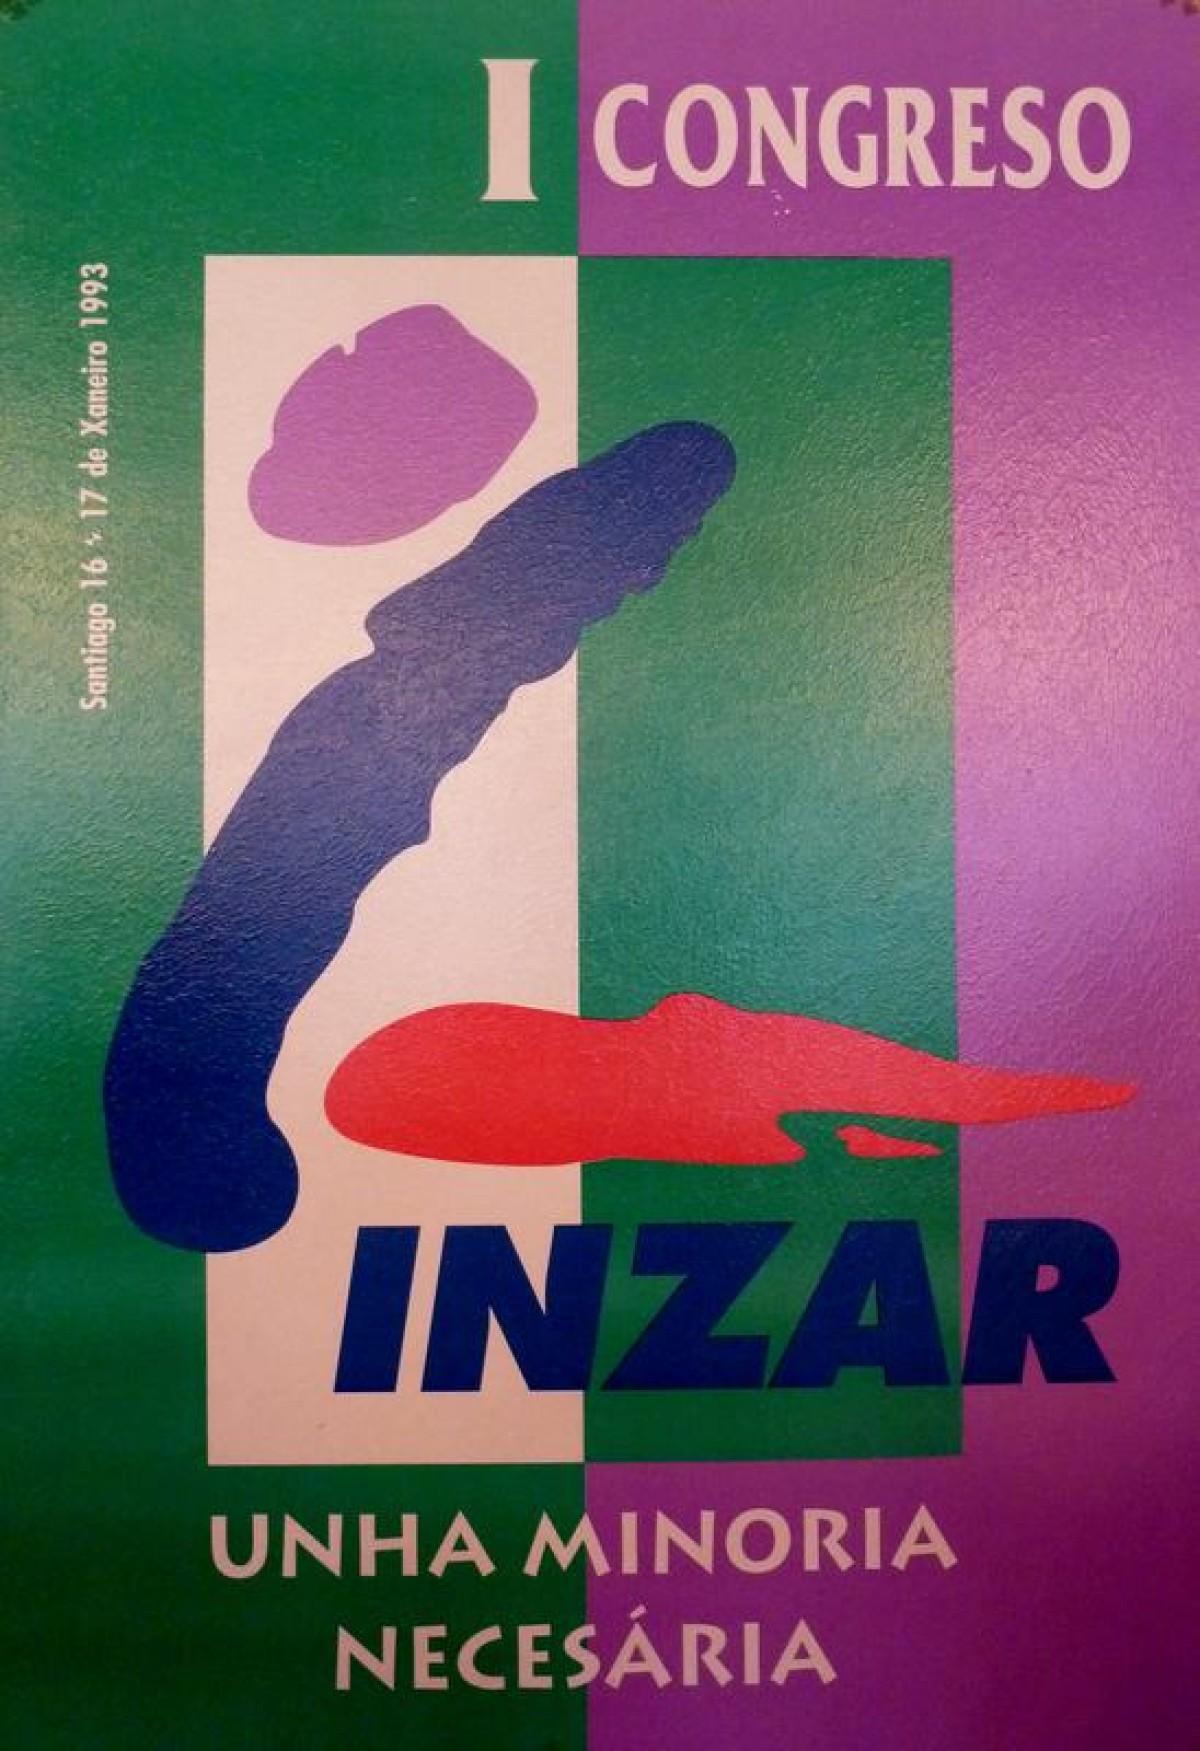 Cartaz do primeiro congreso de Inzar